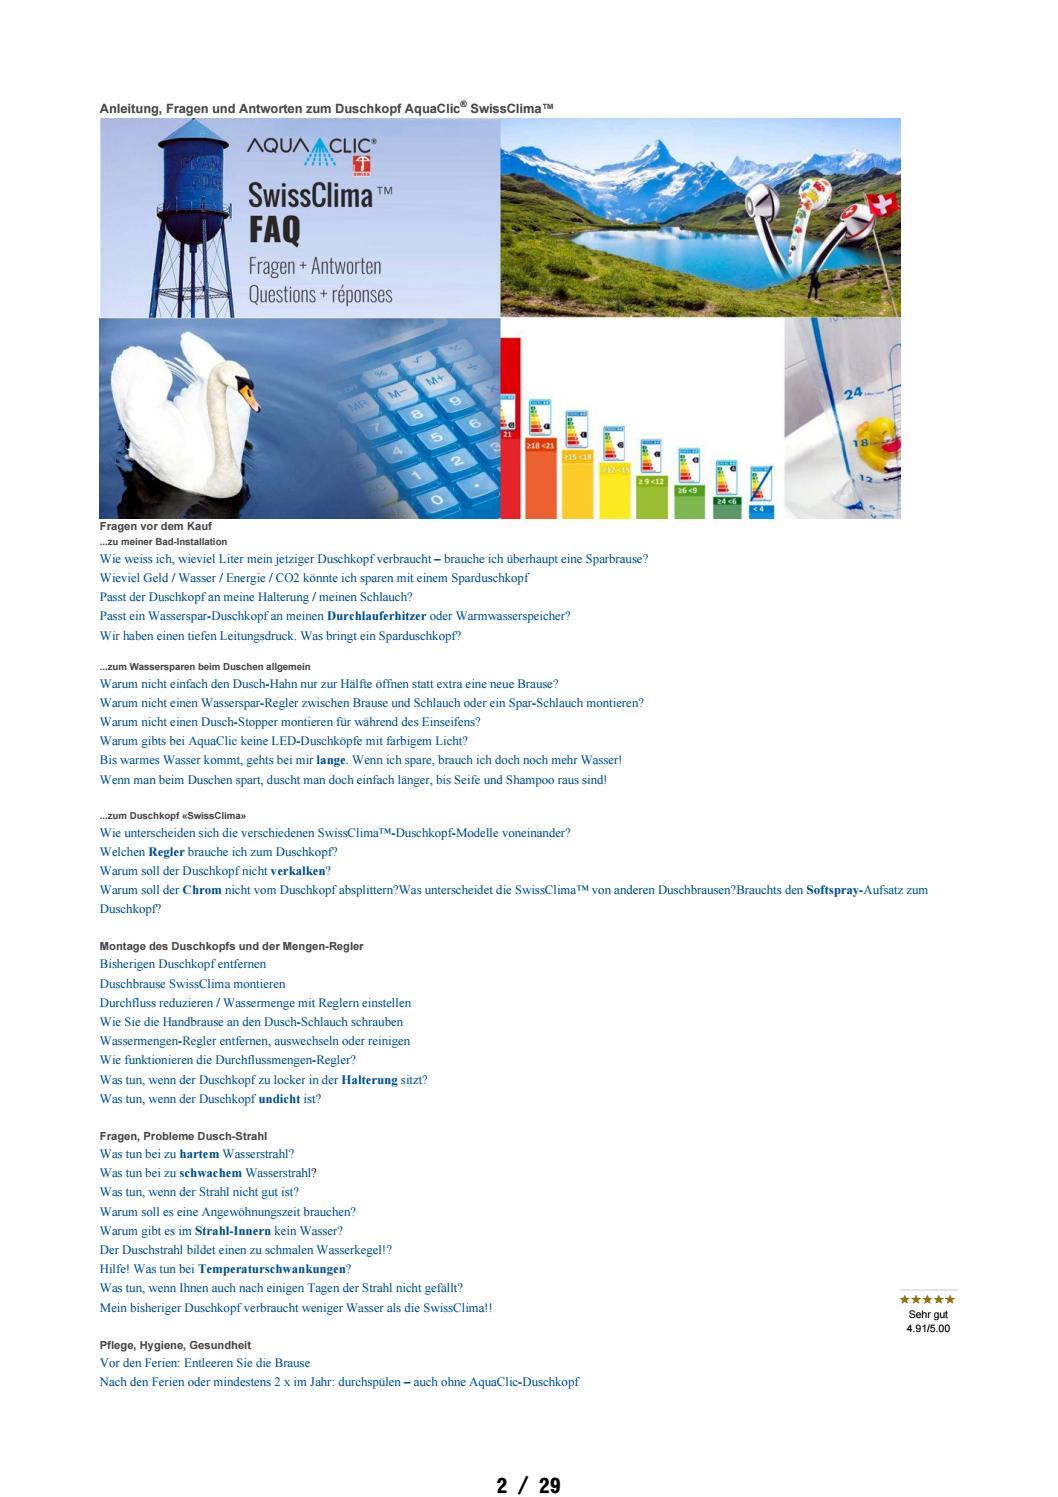 Faq Fragen Antworten Aquaclic Swissclima Duschkopf By Aquaclic Energie Und Wassersparer Mit Design Fur Wasserhahn Und Dusche Issuu